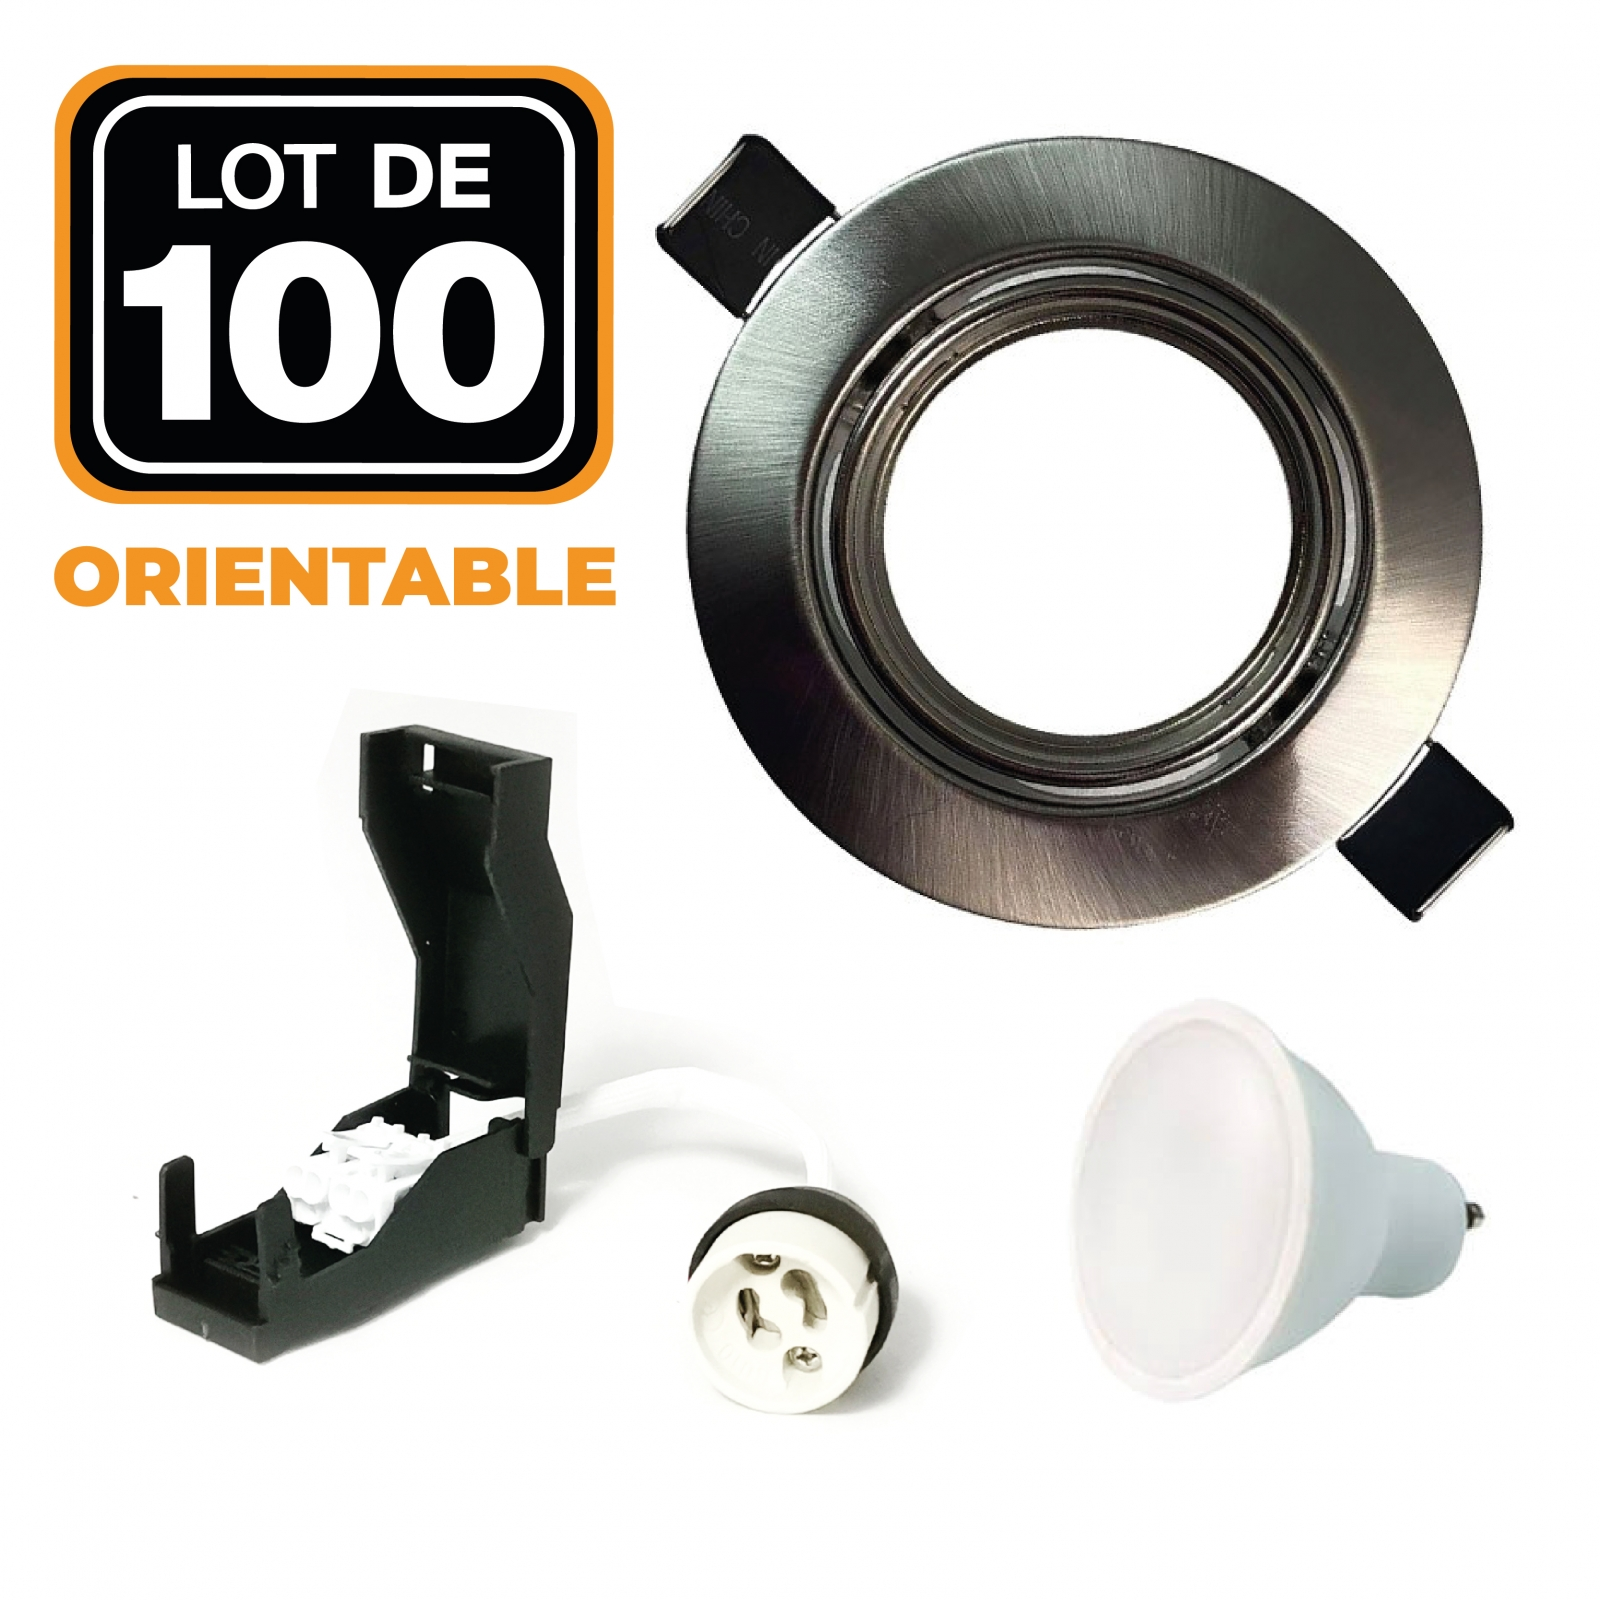 Lot de 100 Spots encastrable orientable ALU BROSSE avec GU10 LED de 5W eqv. 40W